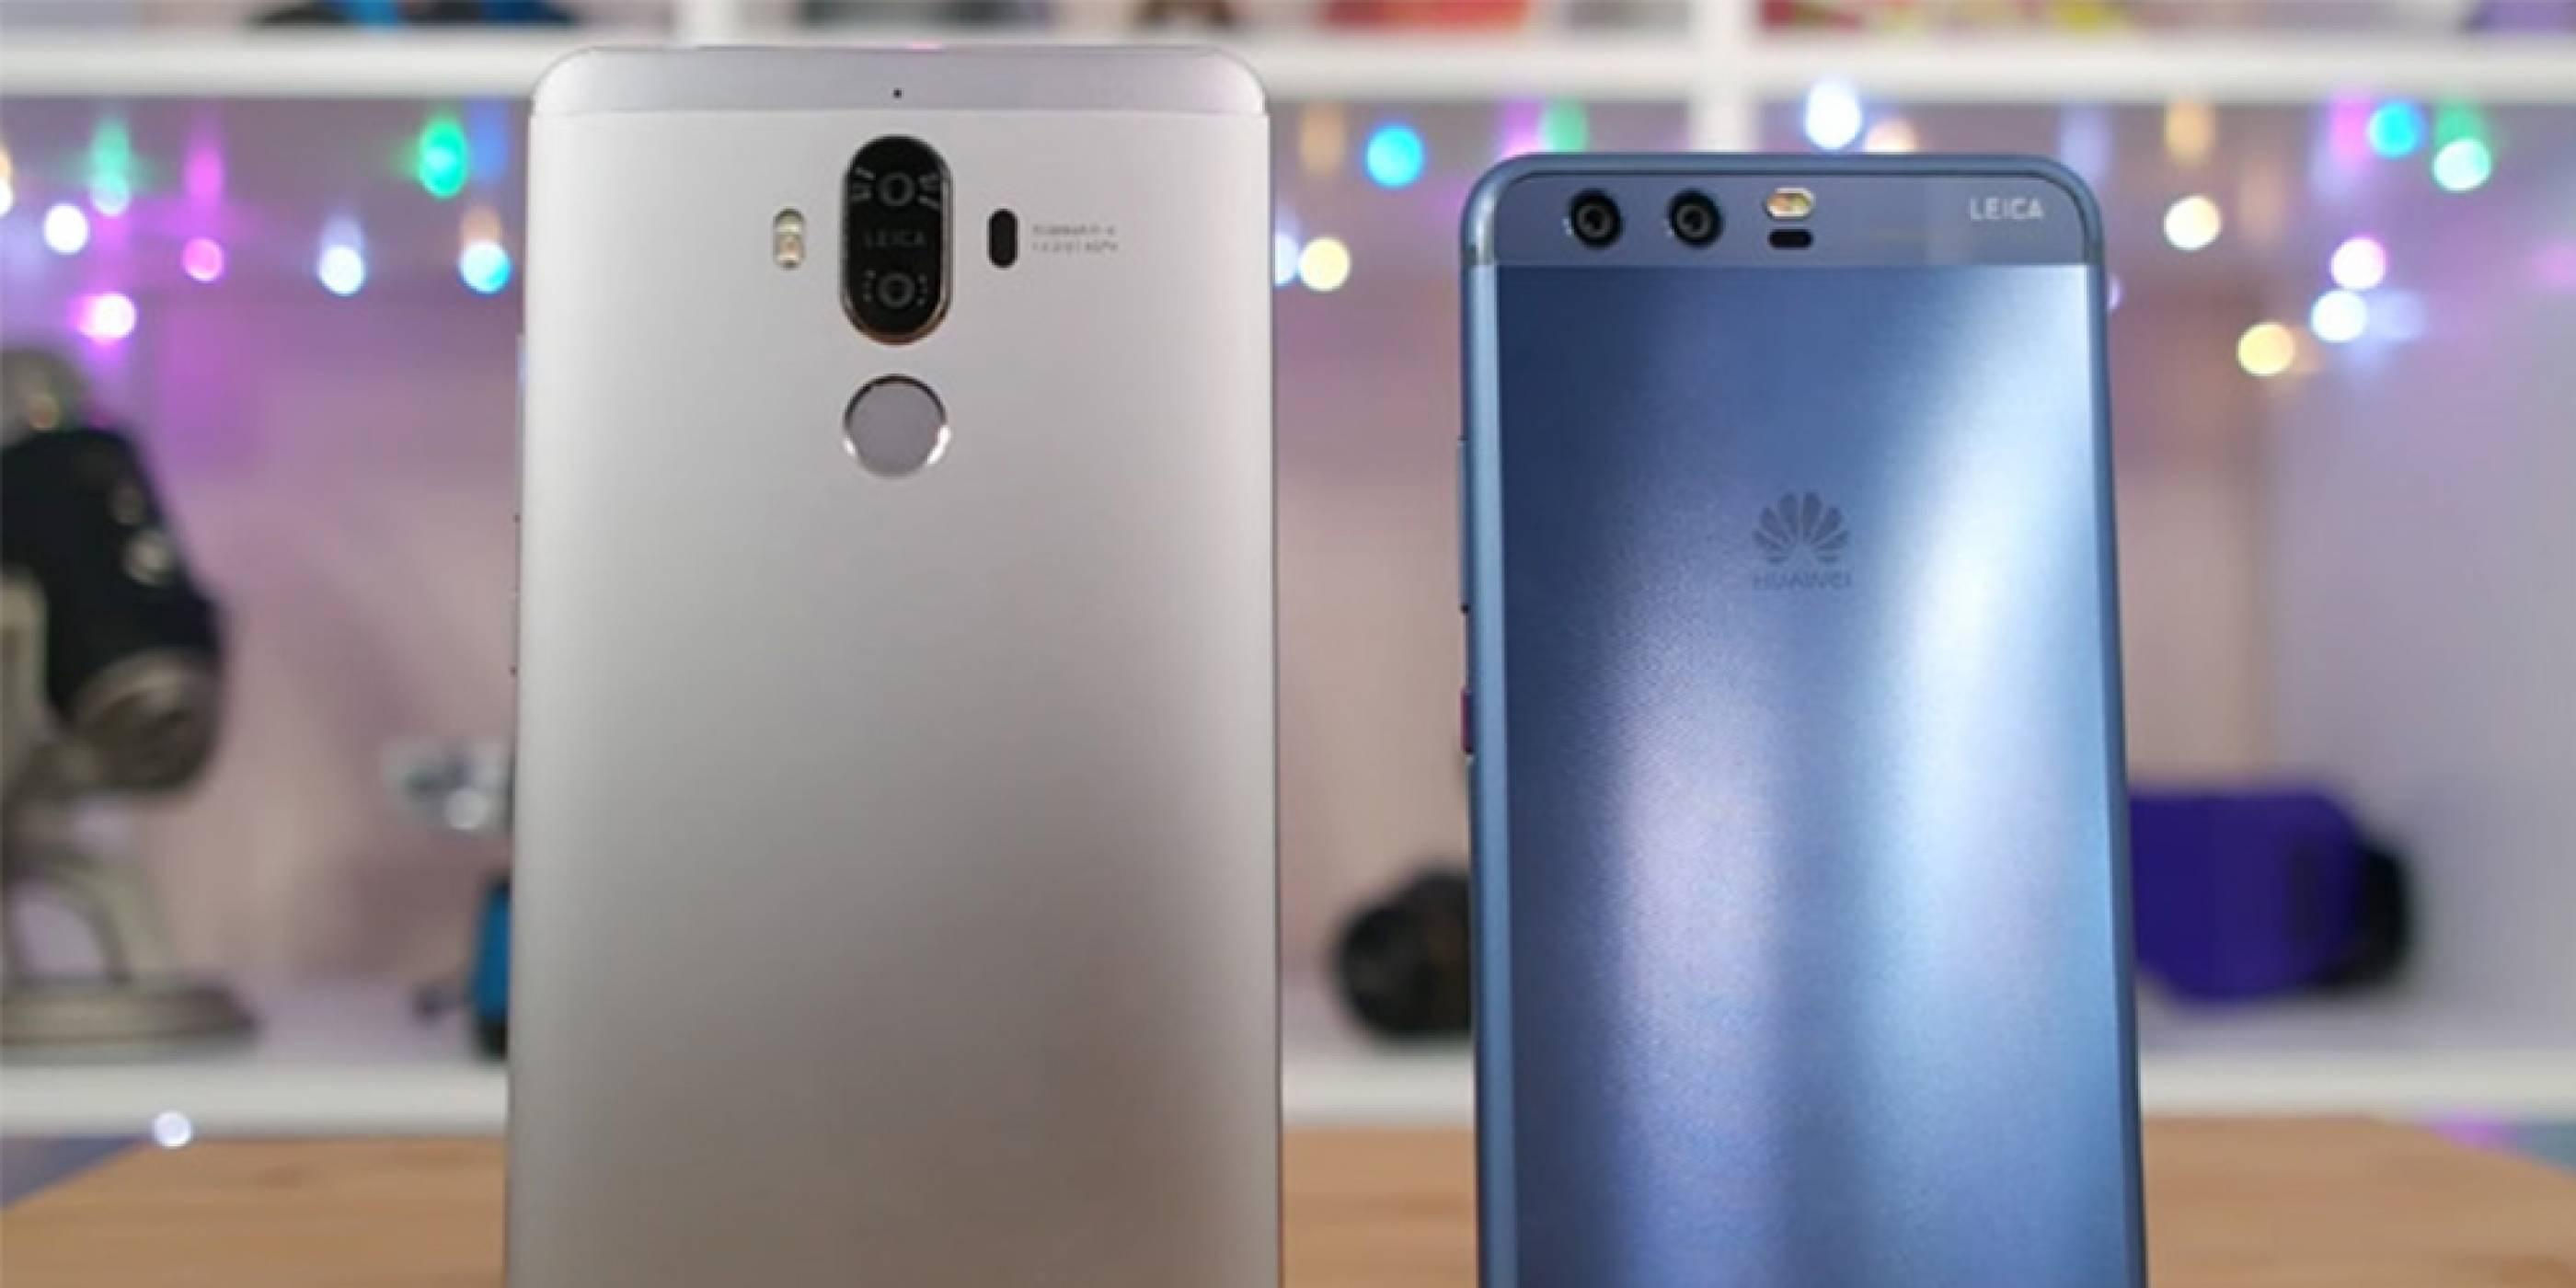 Huawei обяви, че Mate 9 и P10 серията ще получат Android 8.0 Oreo актуализация